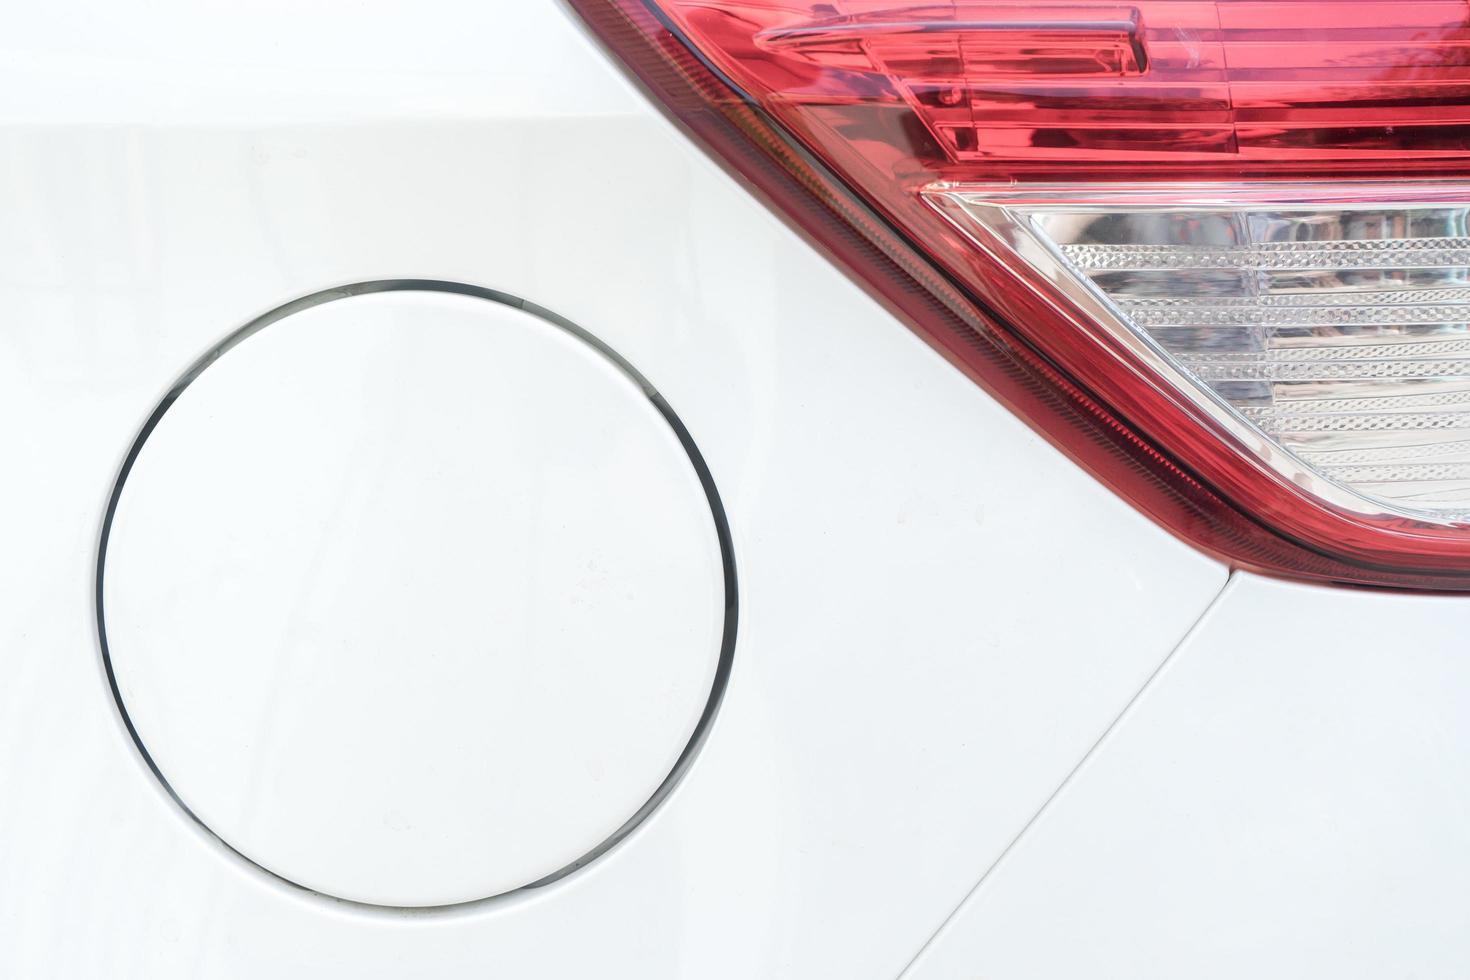 stretta di fanale posteriore e tappo del serbatoio sulla macchina bianca foto